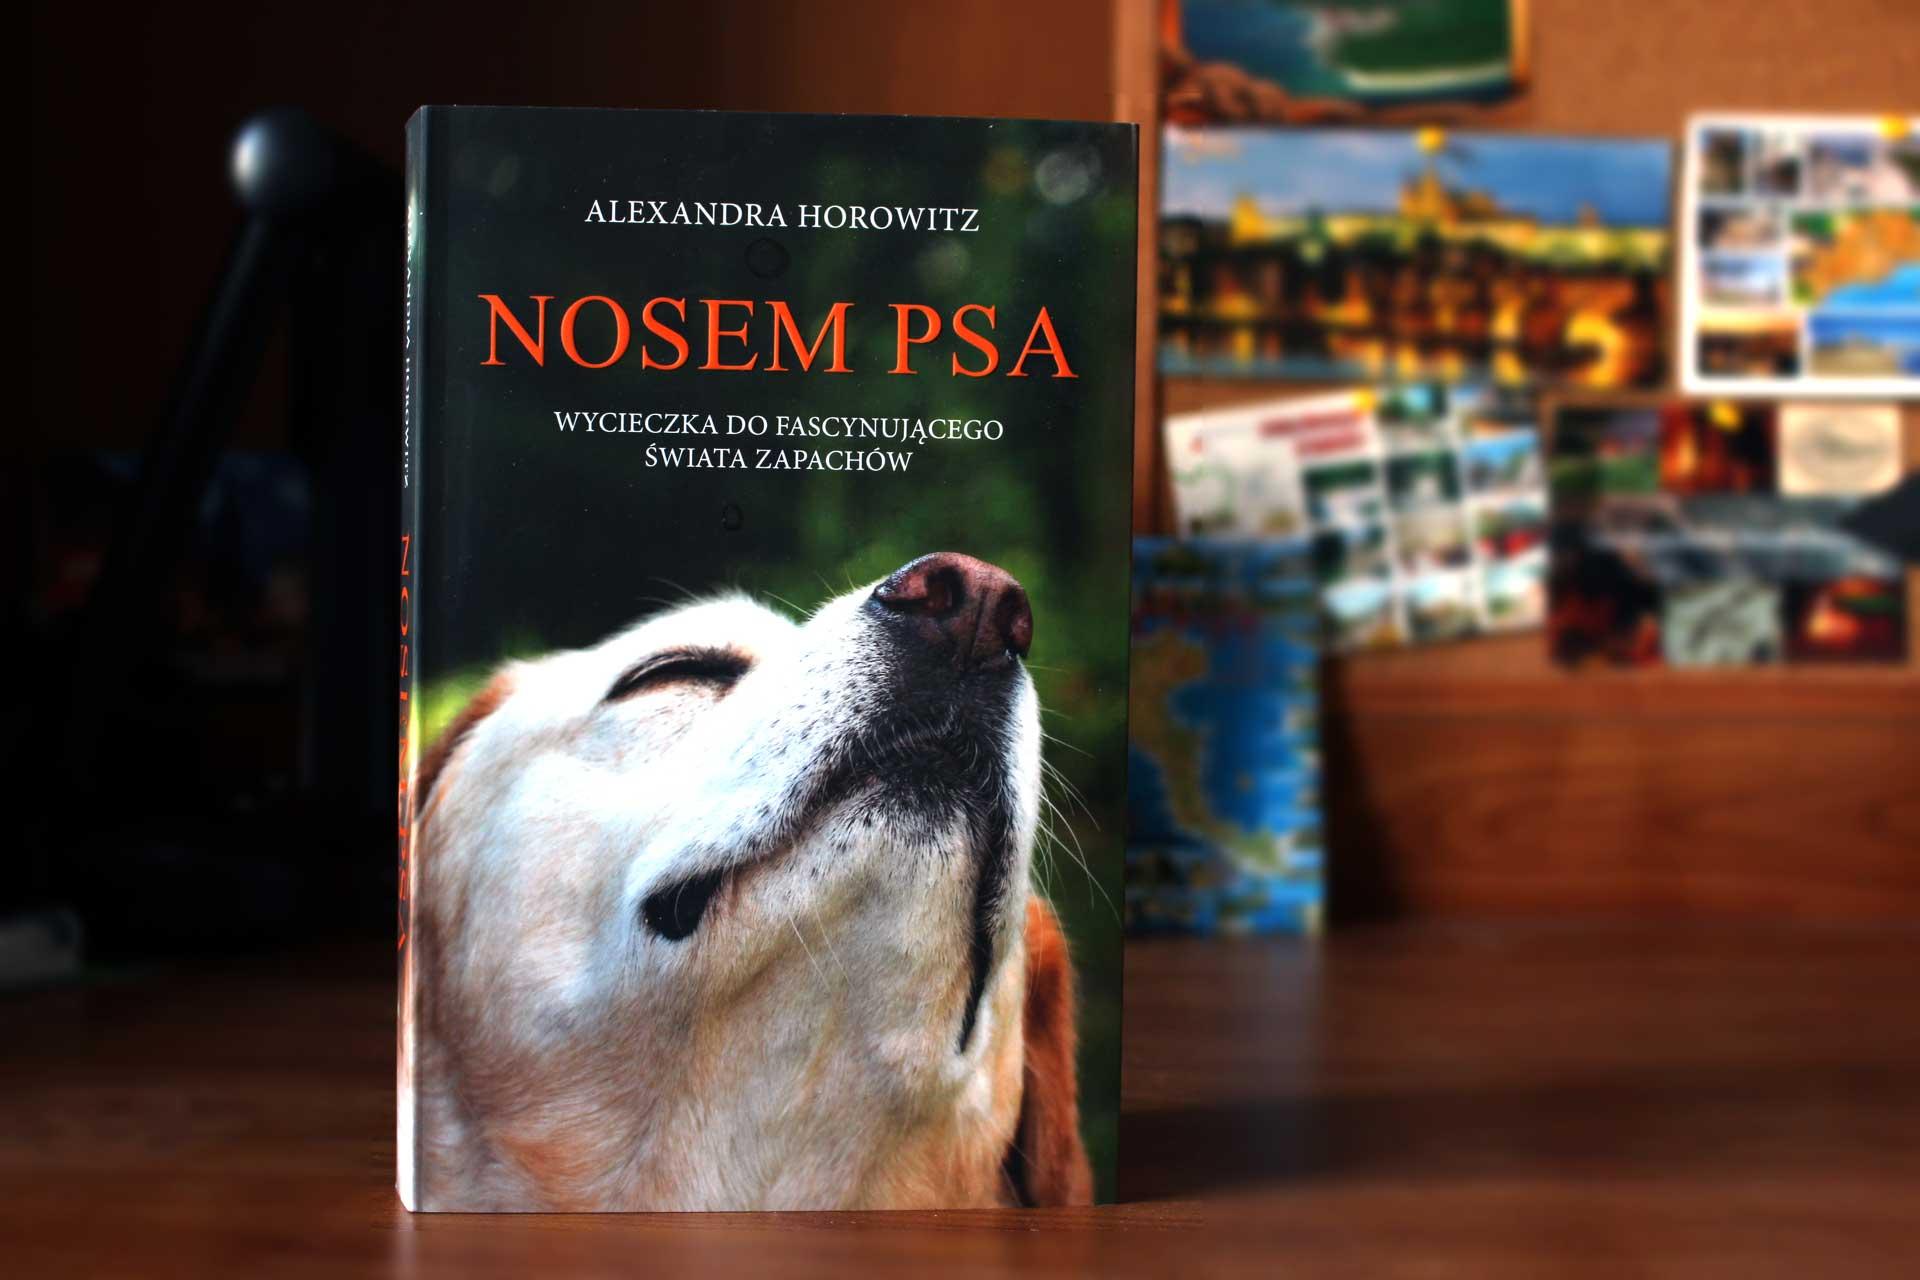 Nosem psa - książka Aleksandry Horowitz